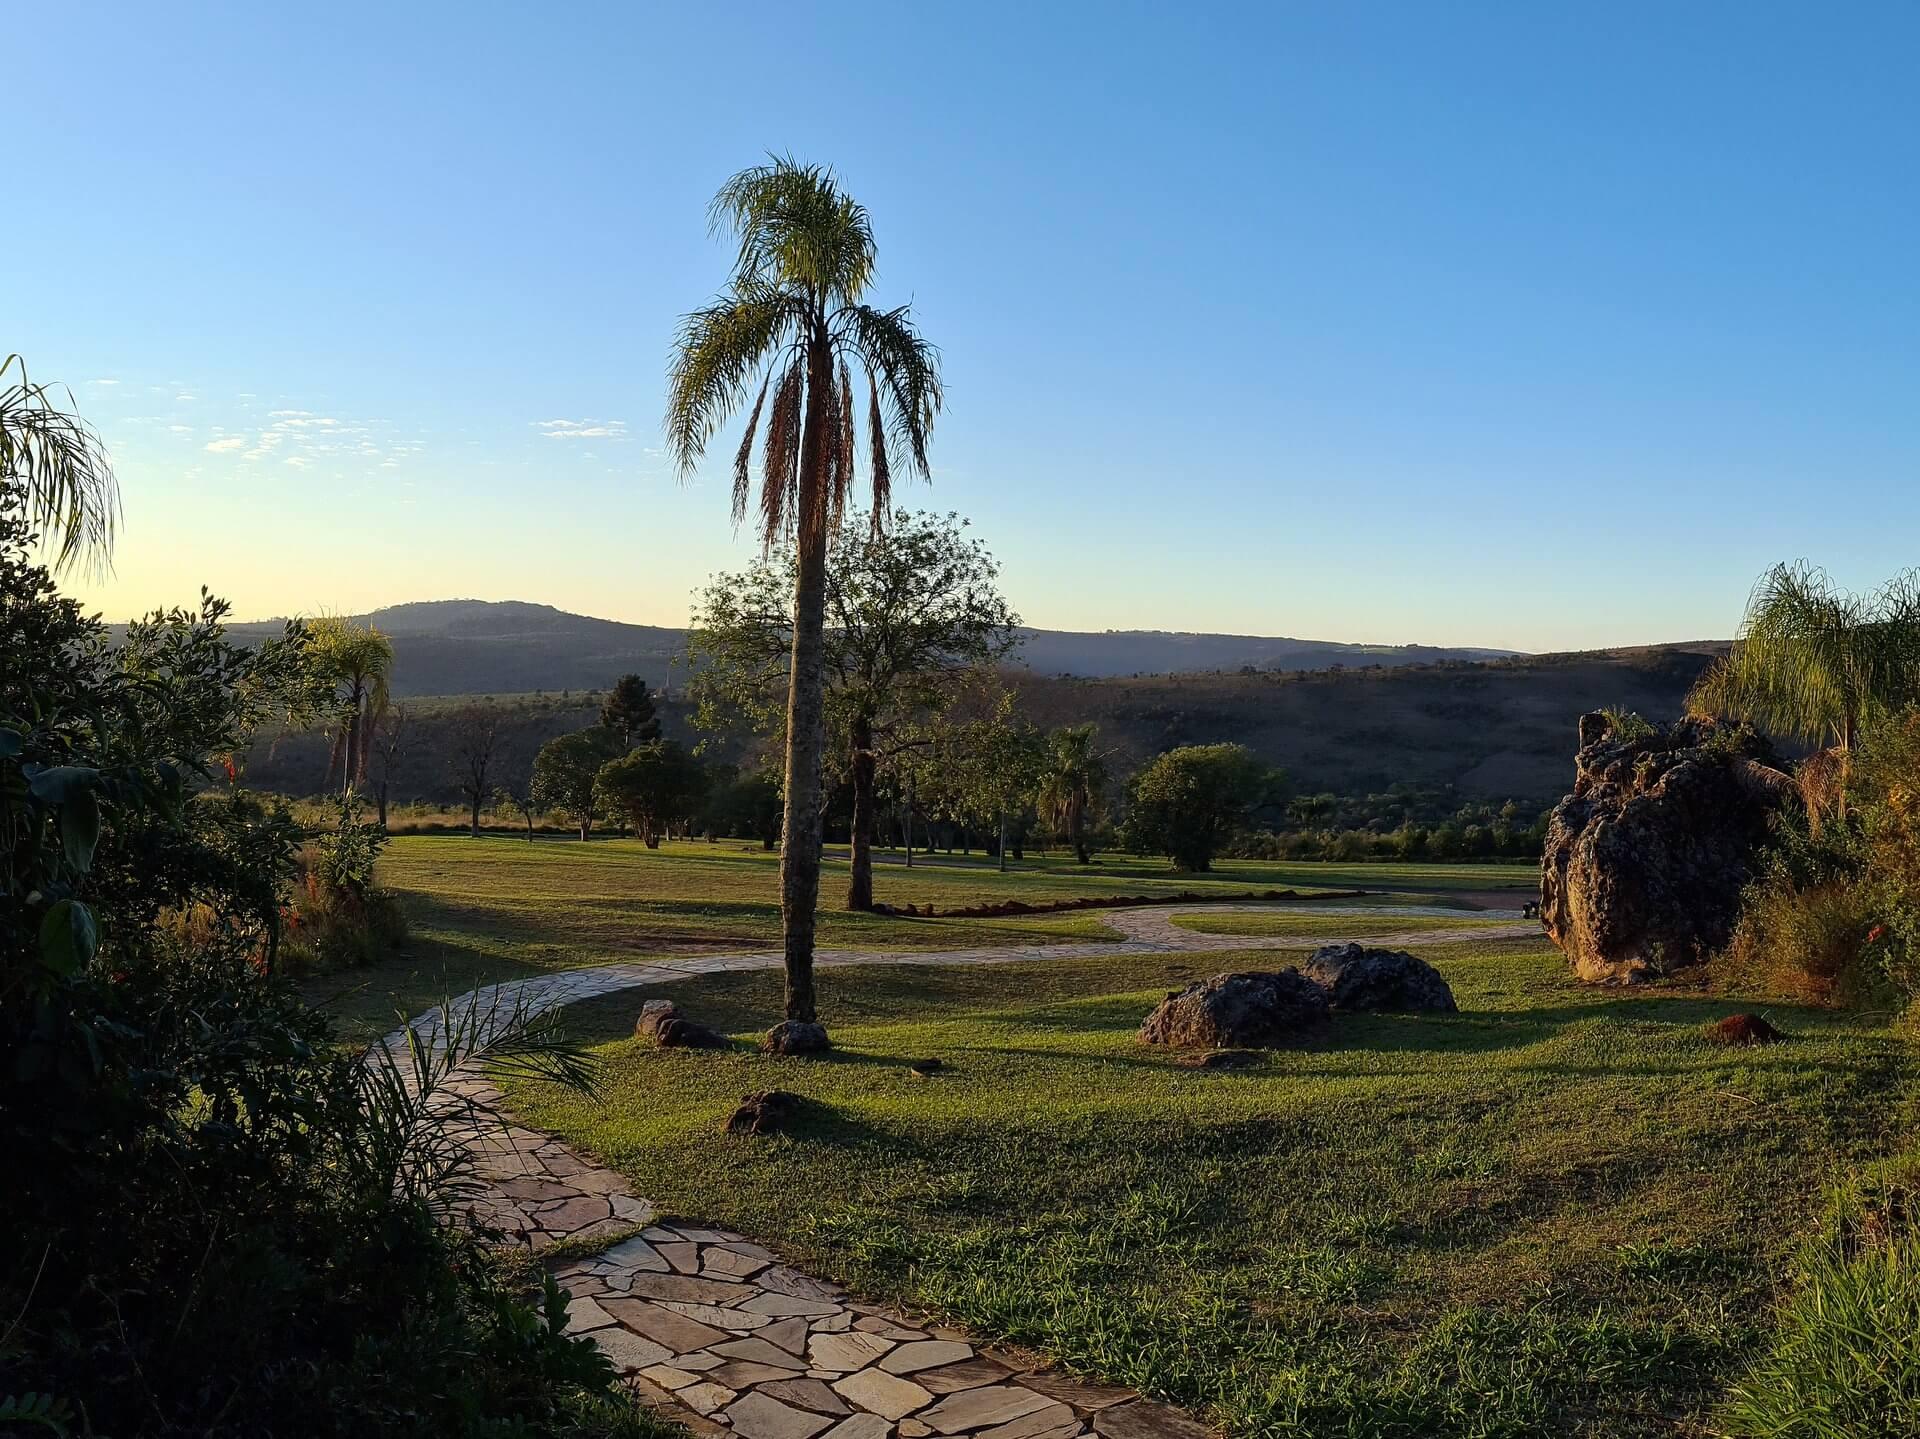 Parque Vila Velha reabre para visitação em horário normal